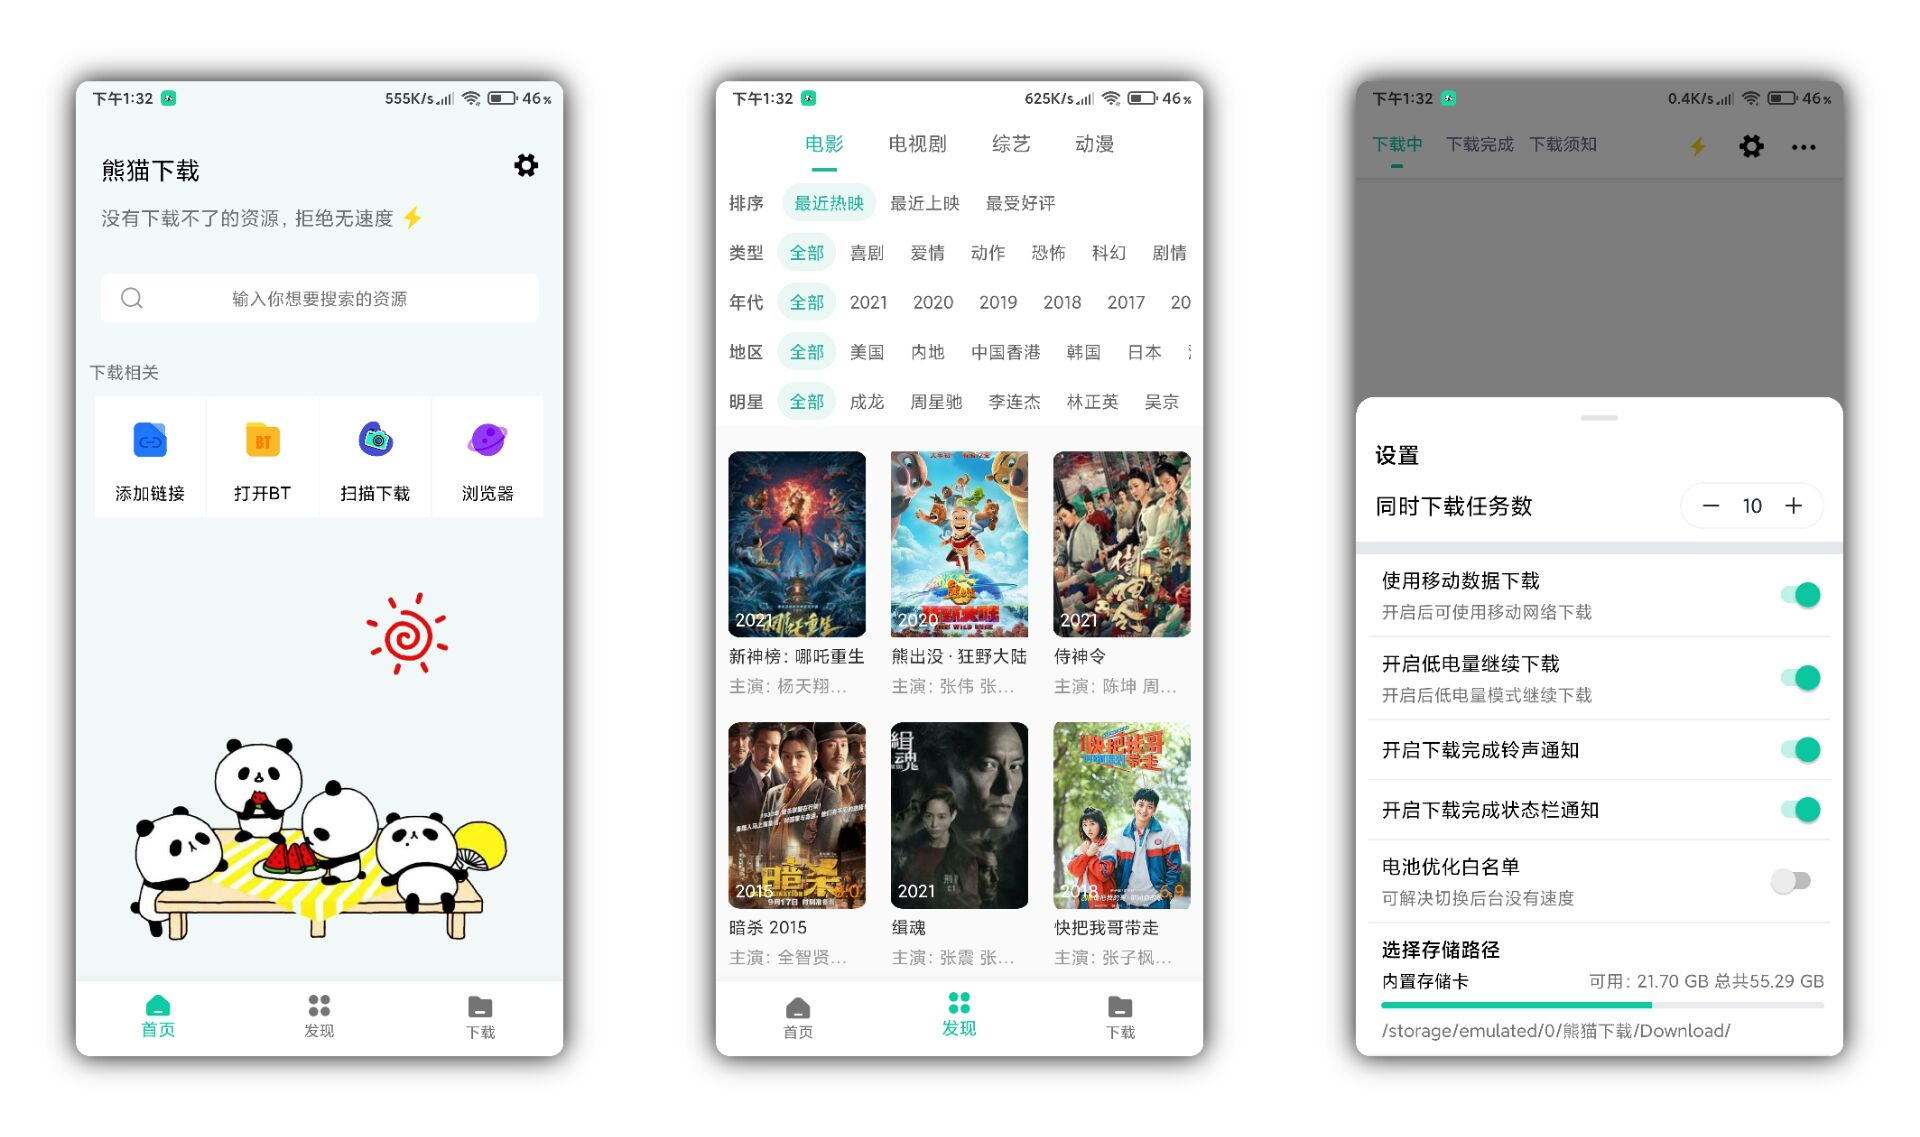 熊猫下载V1.0.6解锁版,网络热门影视剧免费看,vip影视解析网